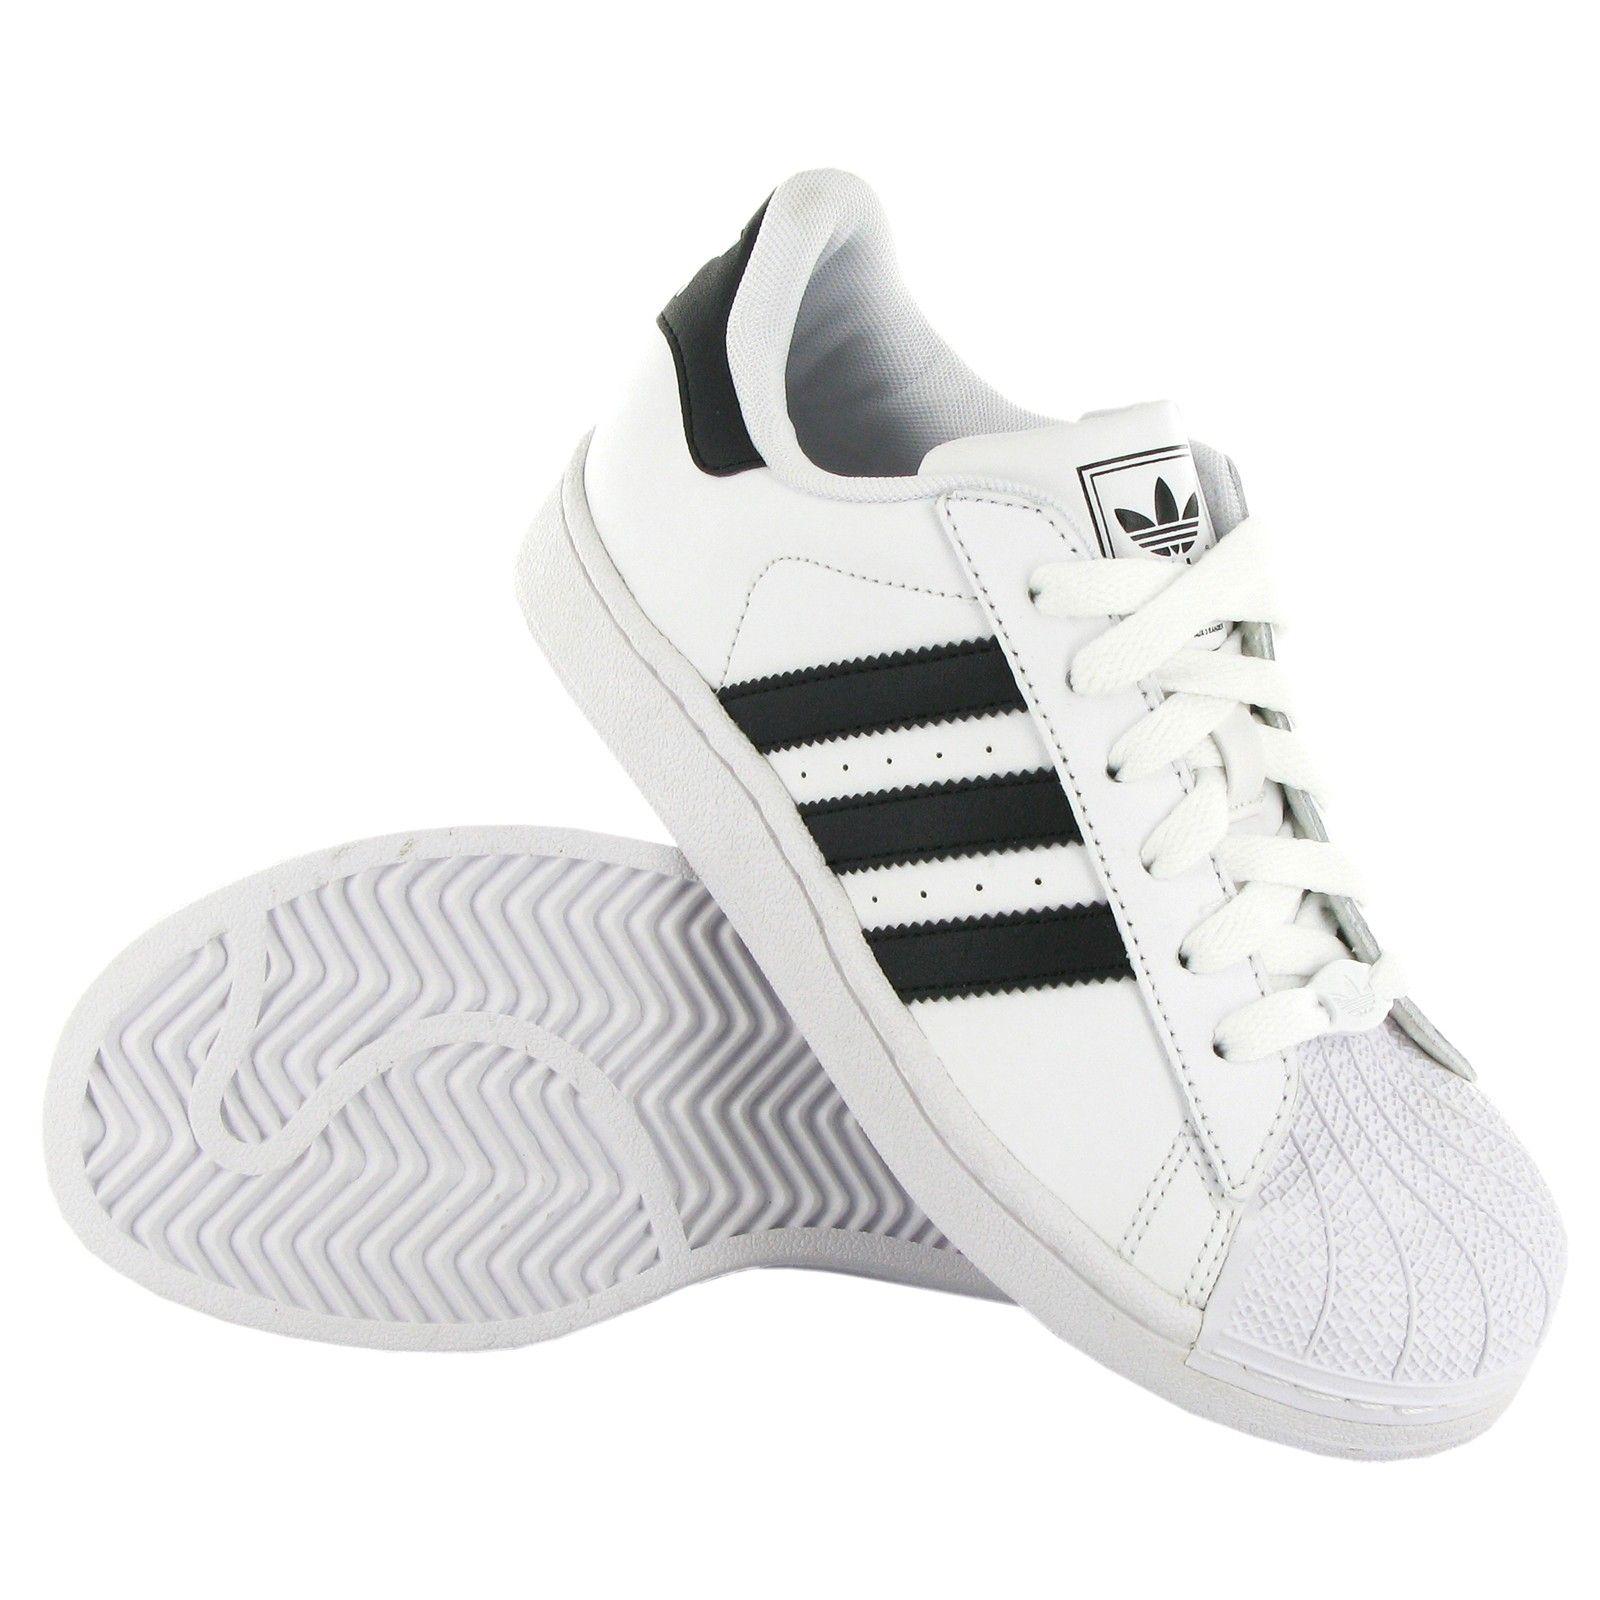 adidas superstar 2 white black